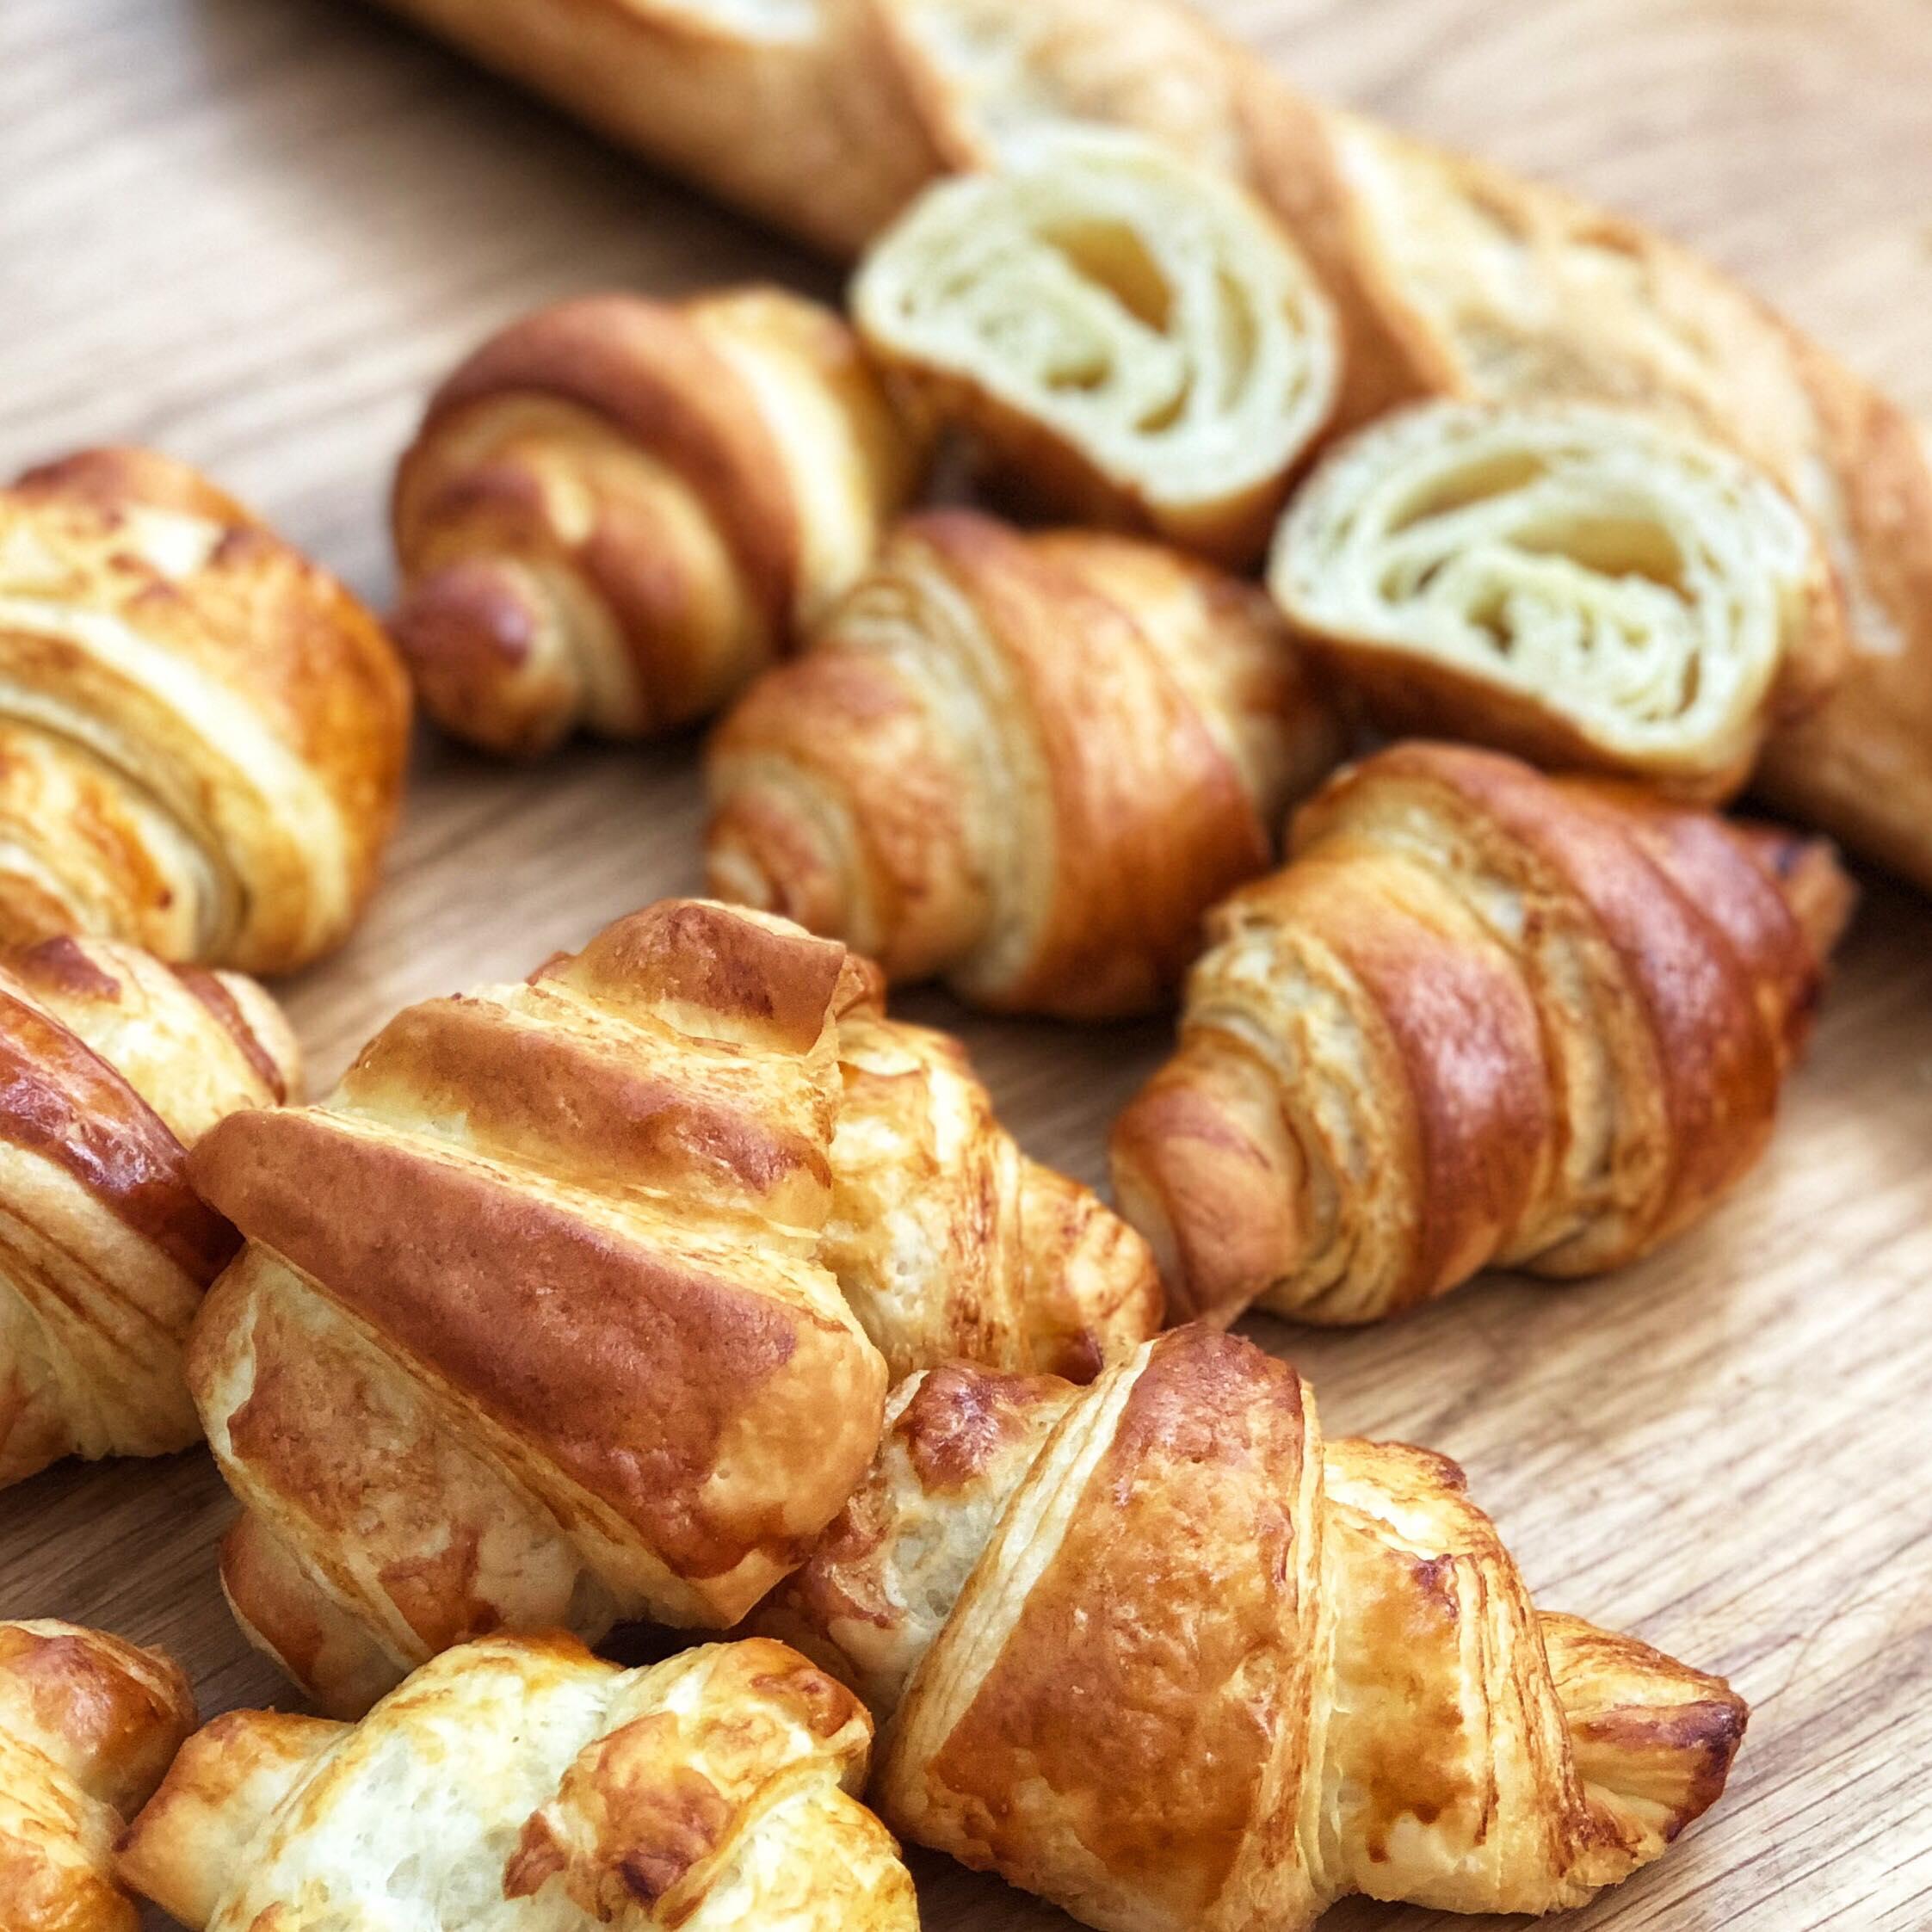 FVI - IECD - french bakery school - boulangerie francaise - lò bánh mì pháp - croissants.jpg